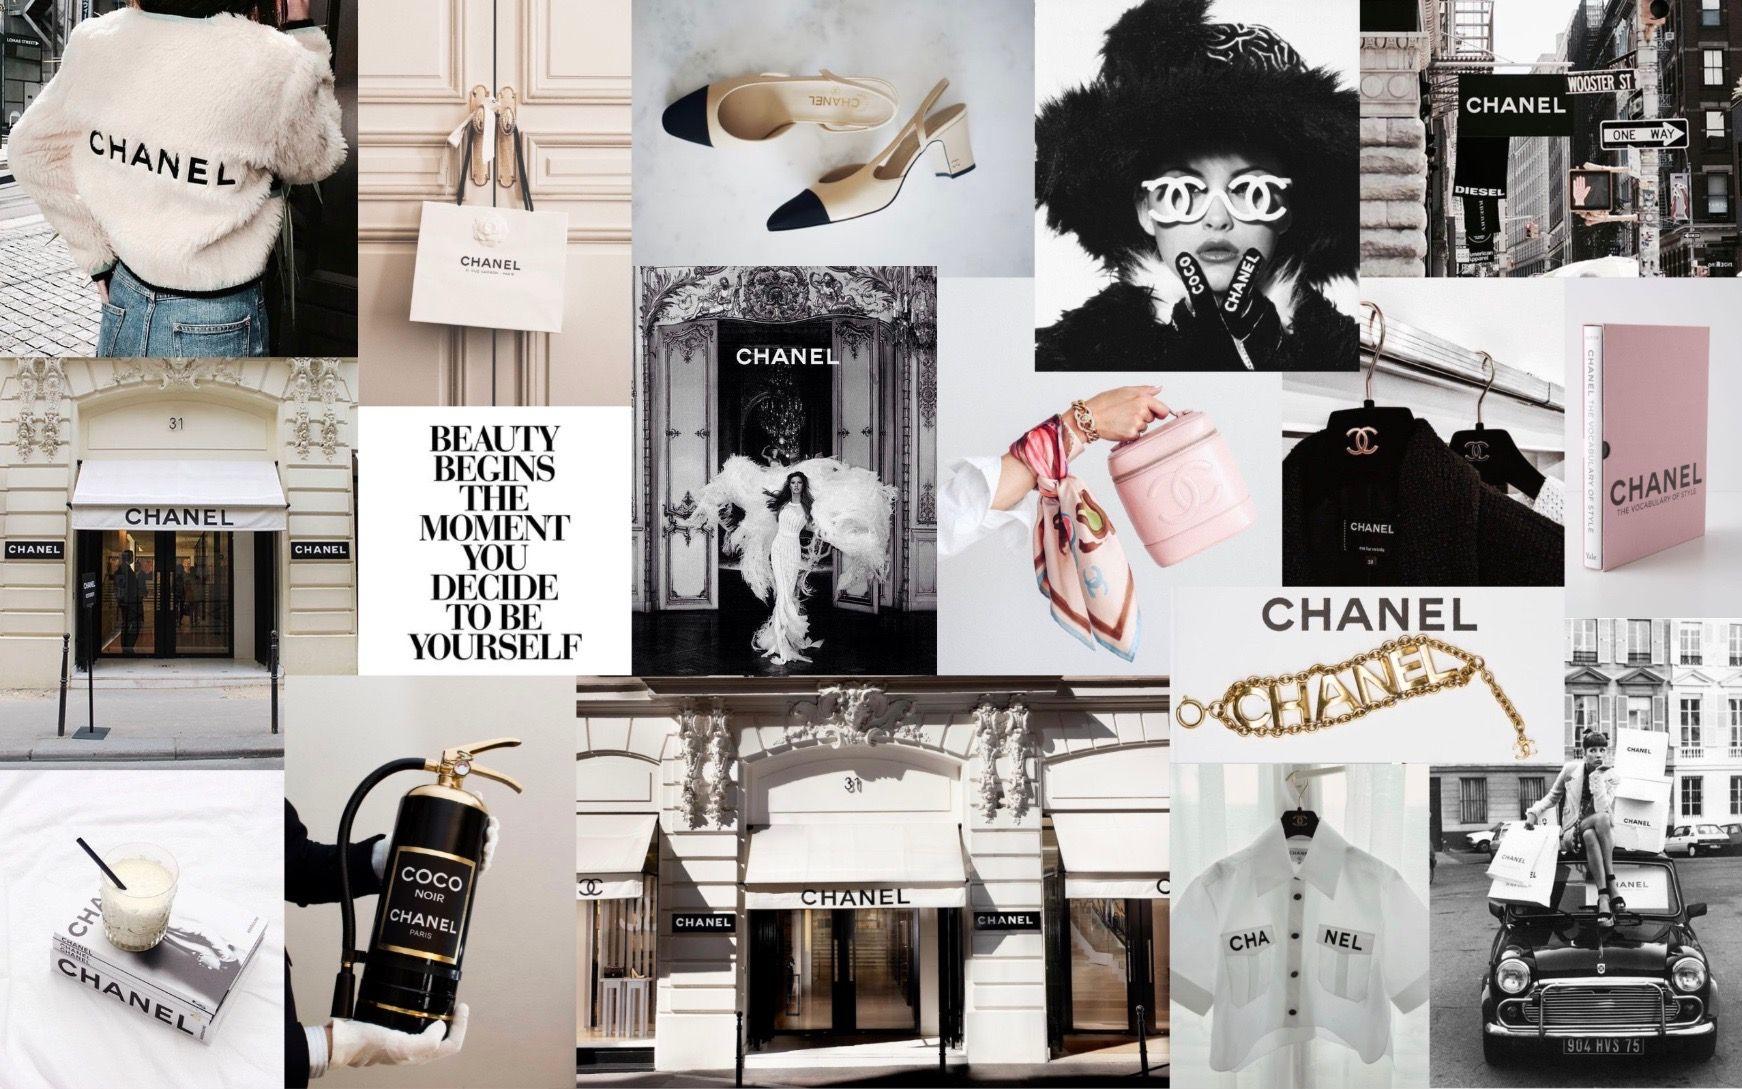 Chanel Macbook Wallpaper Desktop Wallpaper Art Macbook Wallpaper Laptop Wallpaper Desktop Wallpapers